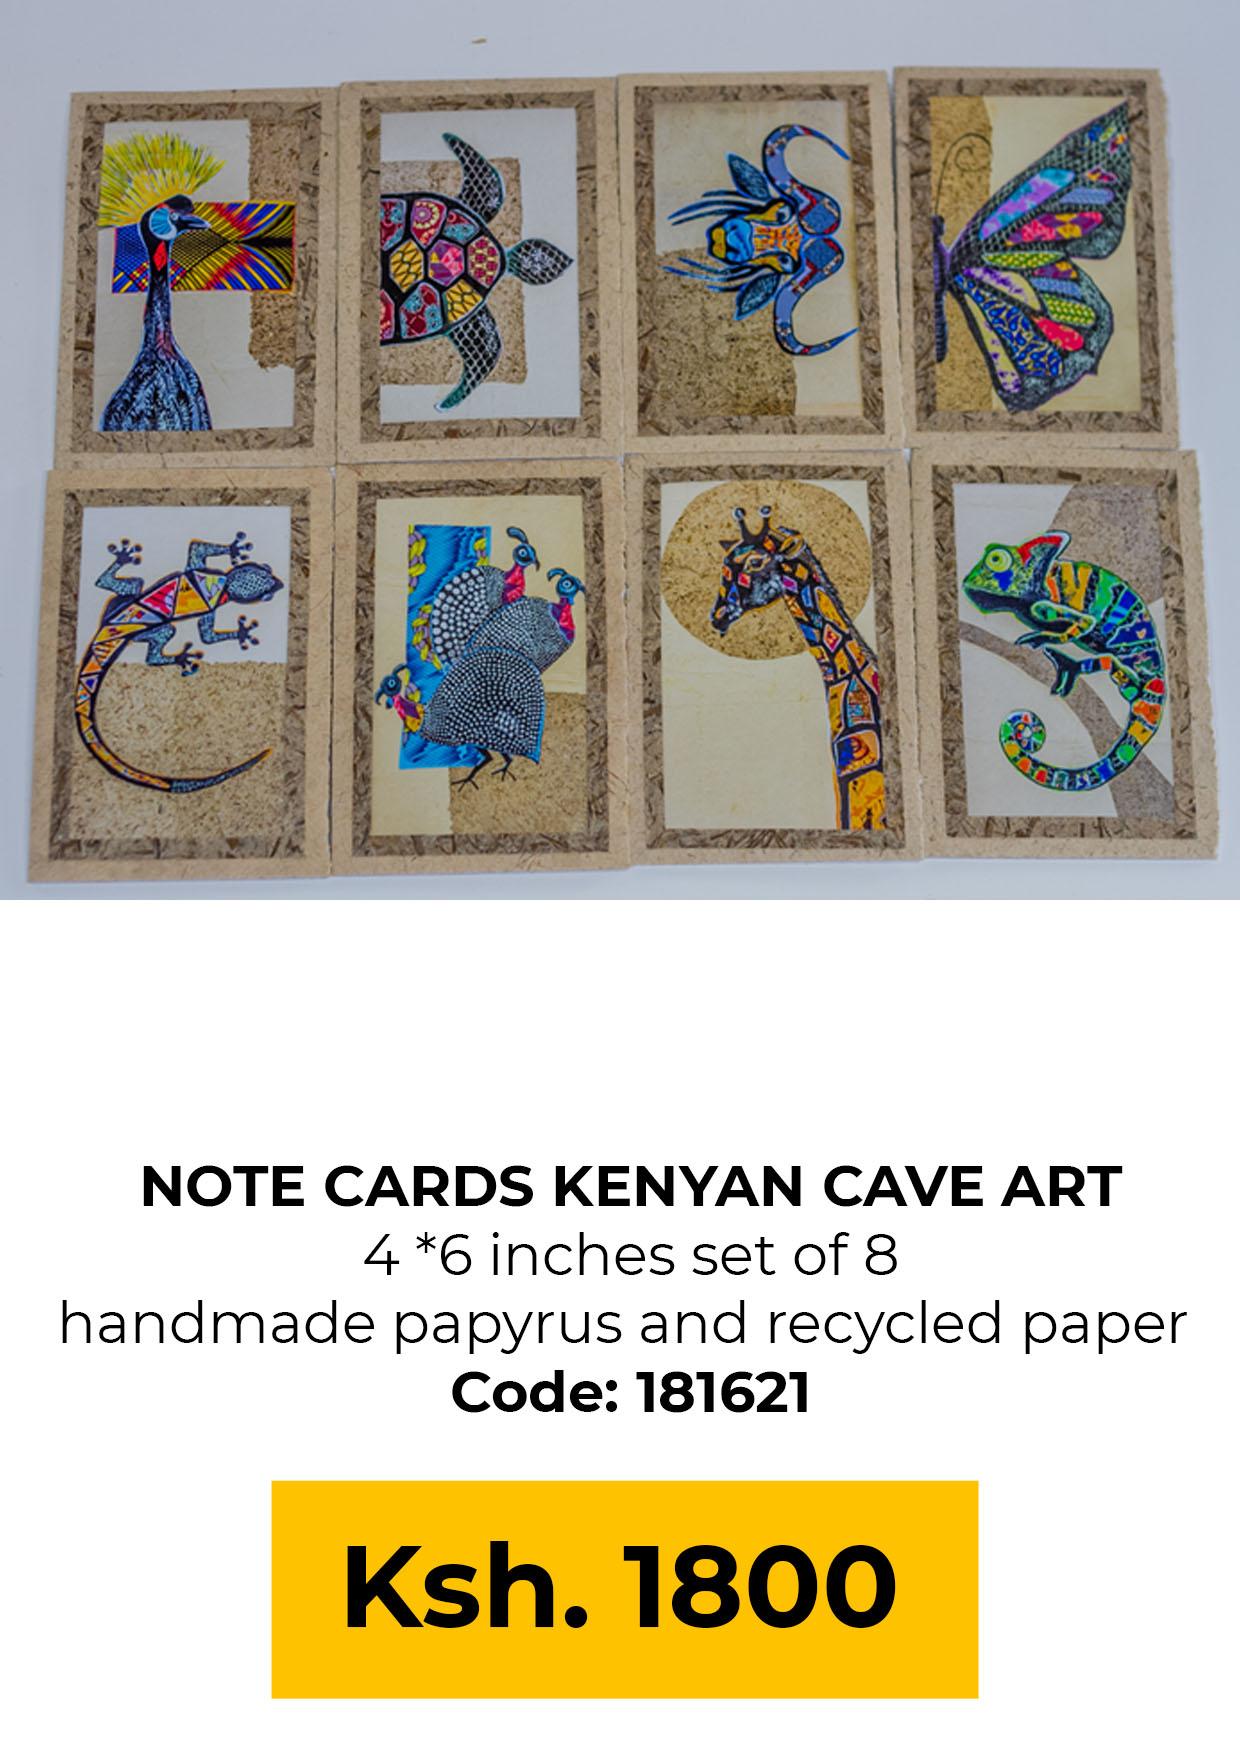 note cardsArtboard 22